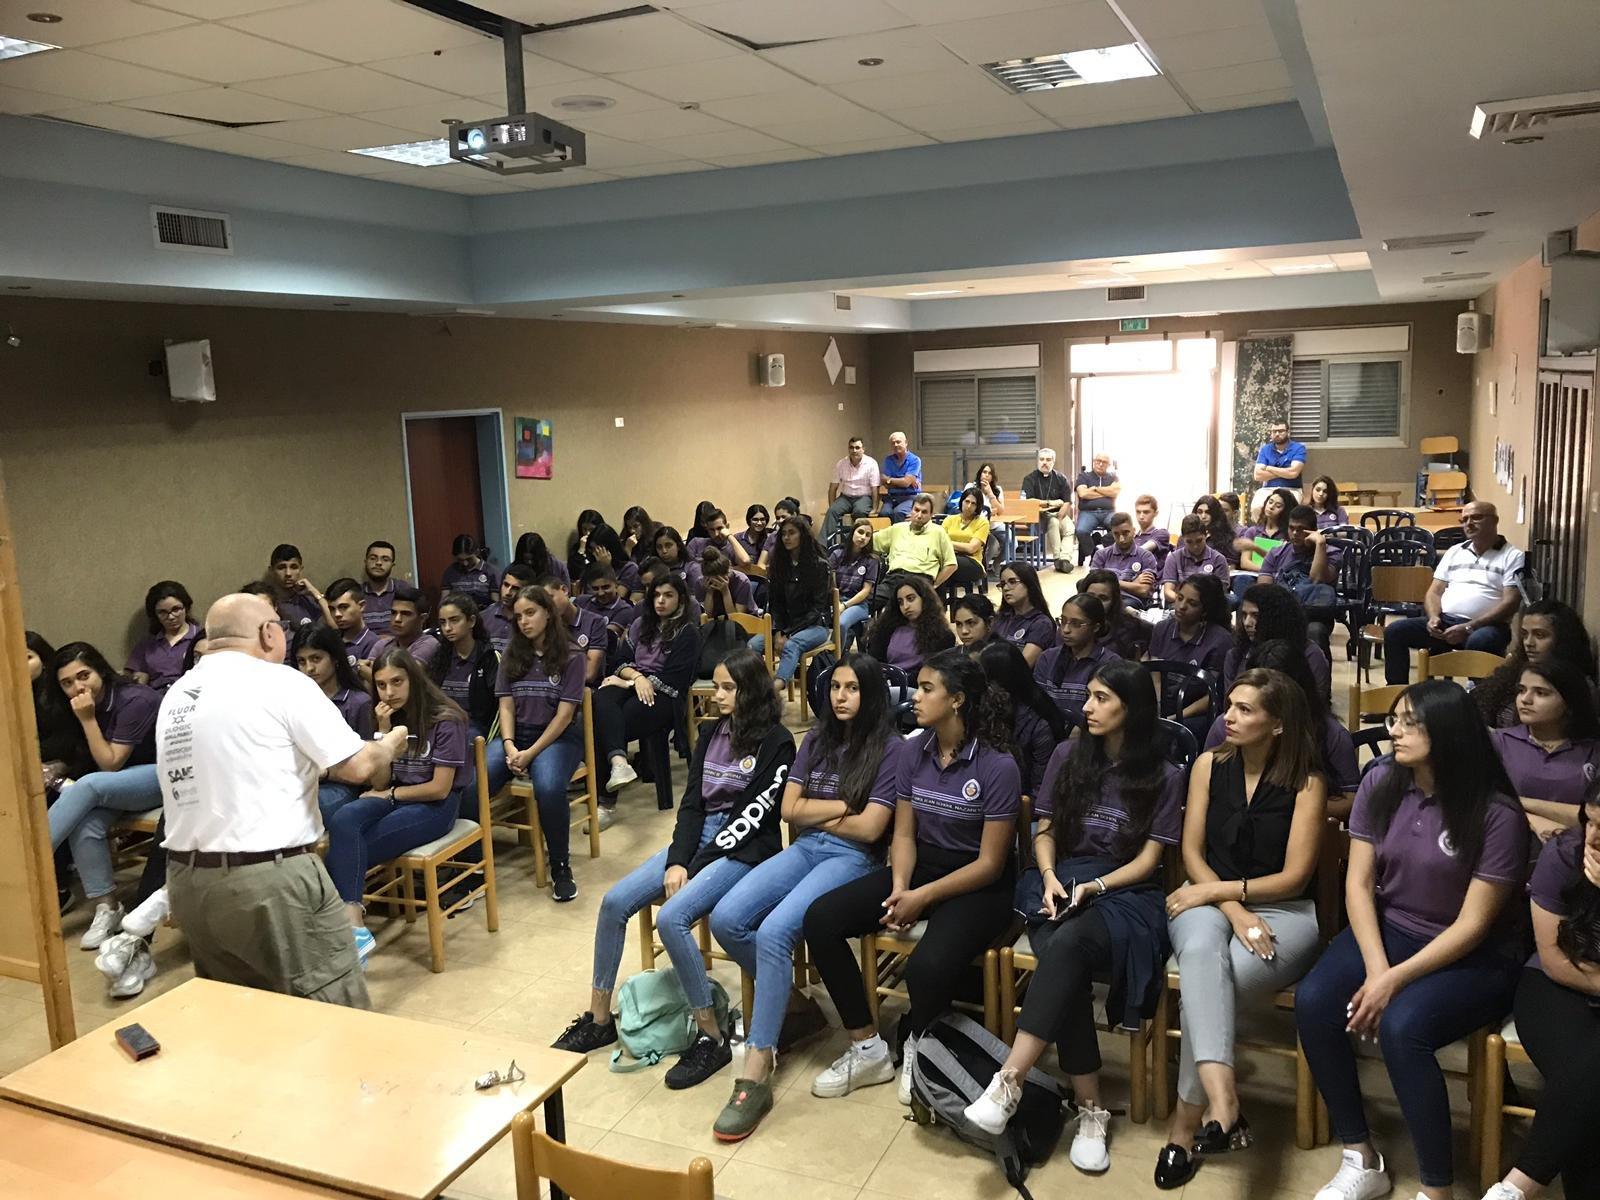 البروفسور ادريس تيتي يلتقي طلاب مدرسة المسيح الانجيلية